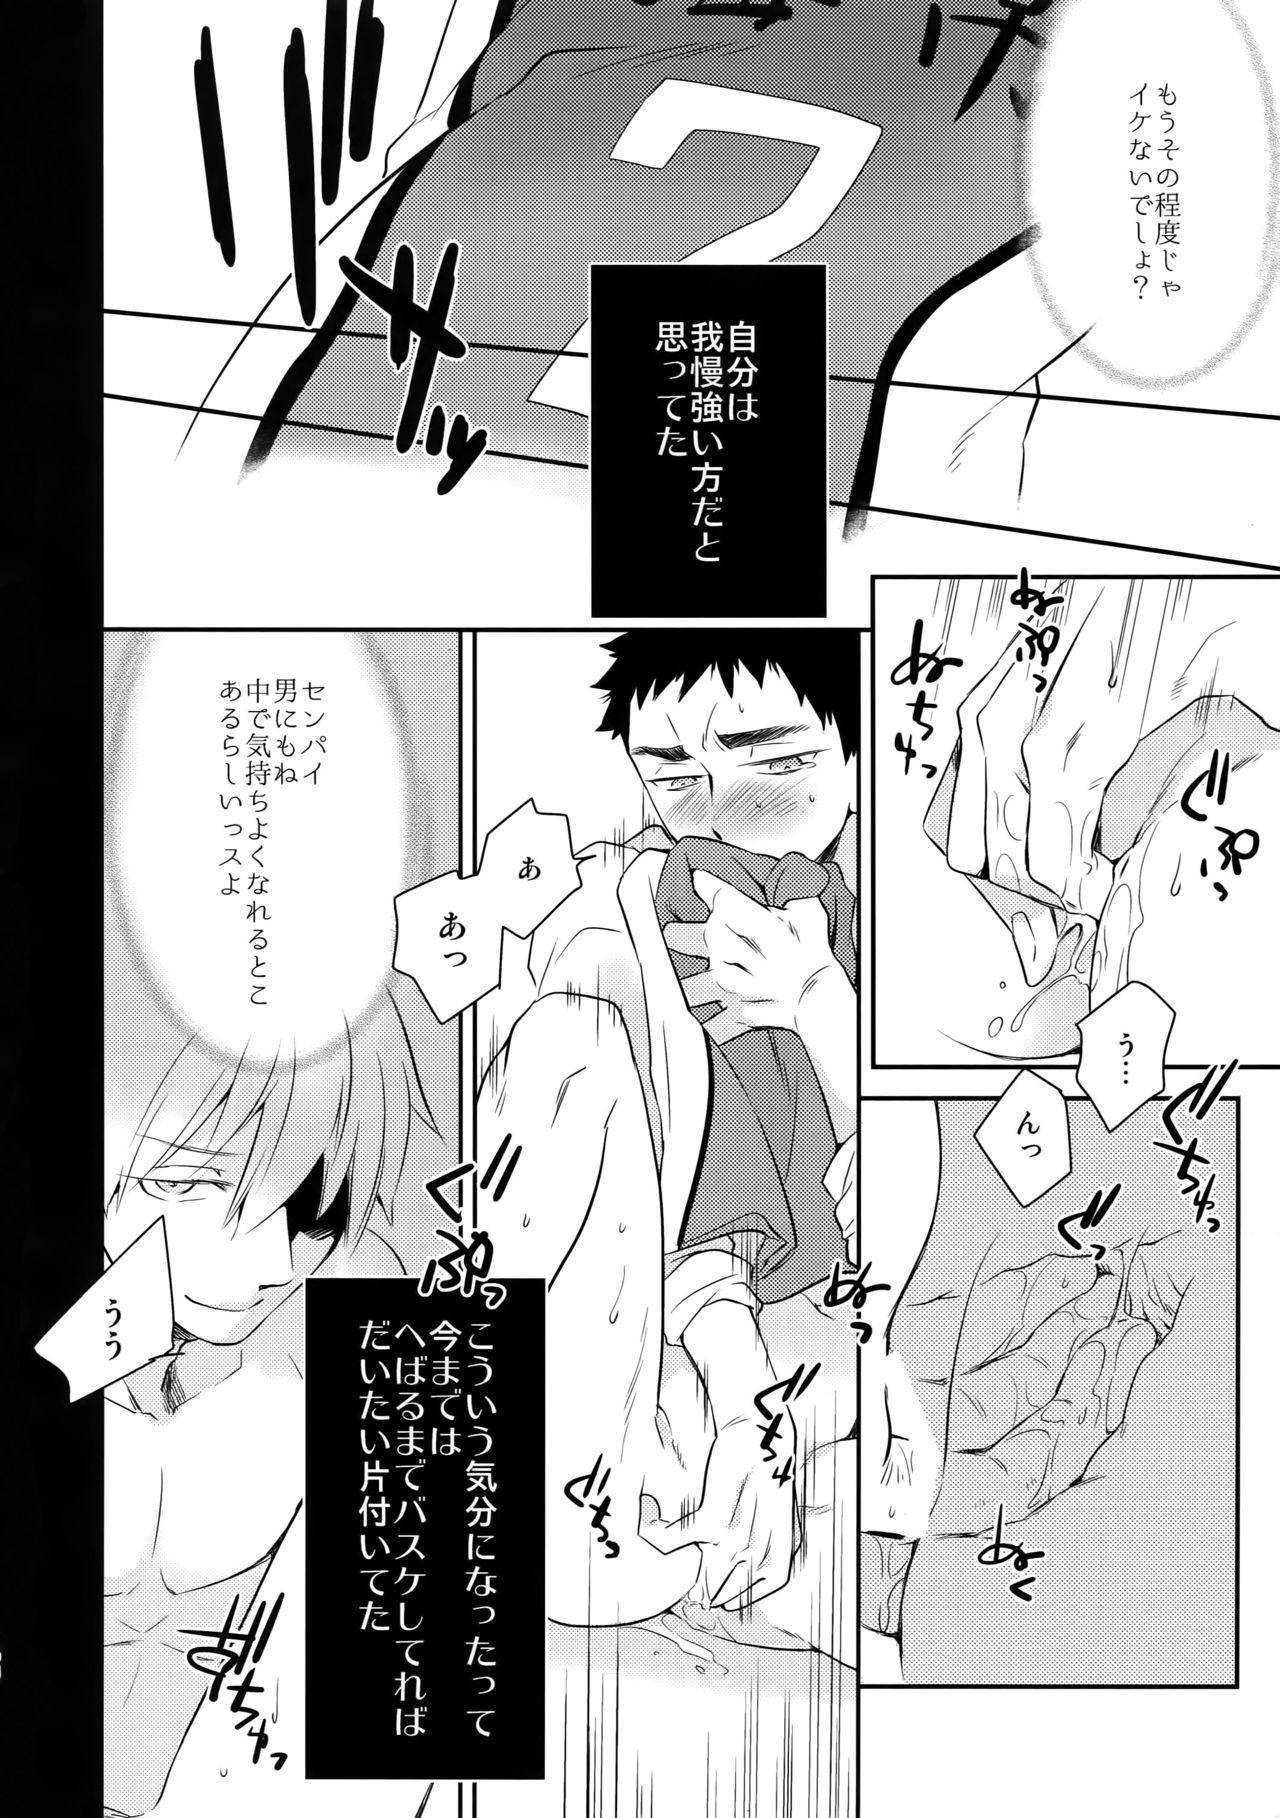 [Bakuchi Jinsei SP (Satsuki Fumi)] Kanpeki Kareshi to Zettai Ryouiki Ouji-sama - Another Version - (Kuroko no Basket) 94